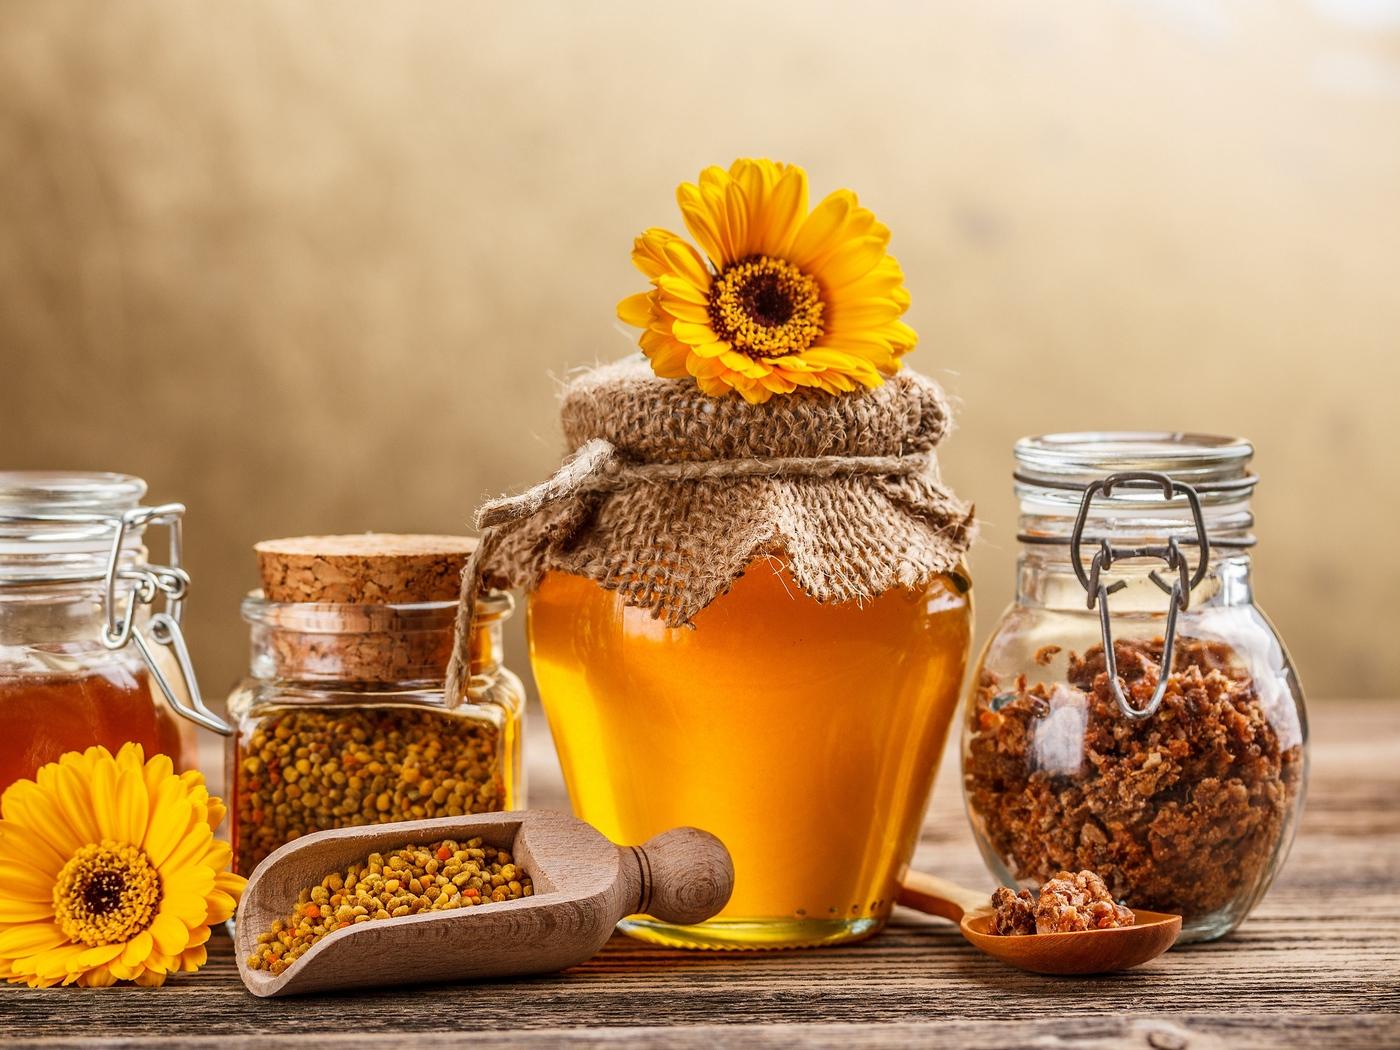 Влияет ли мед на давление человека